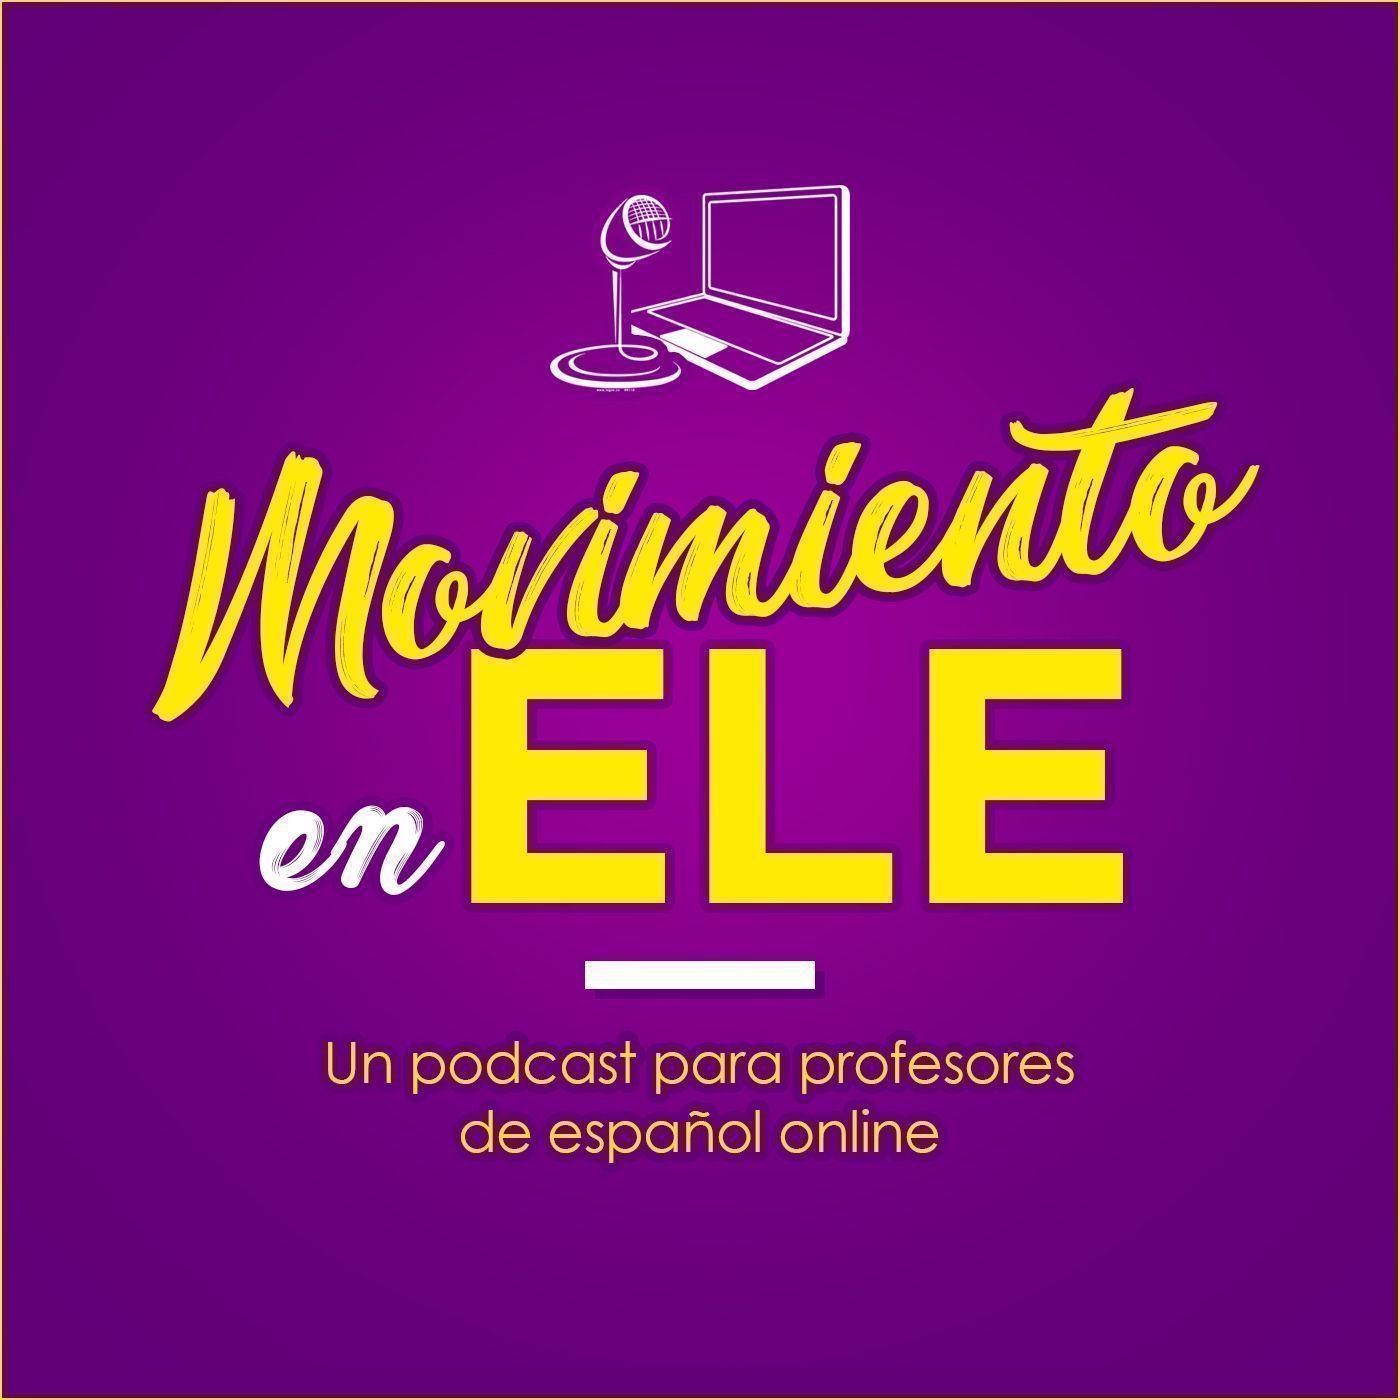 Podcast para profesores de español online